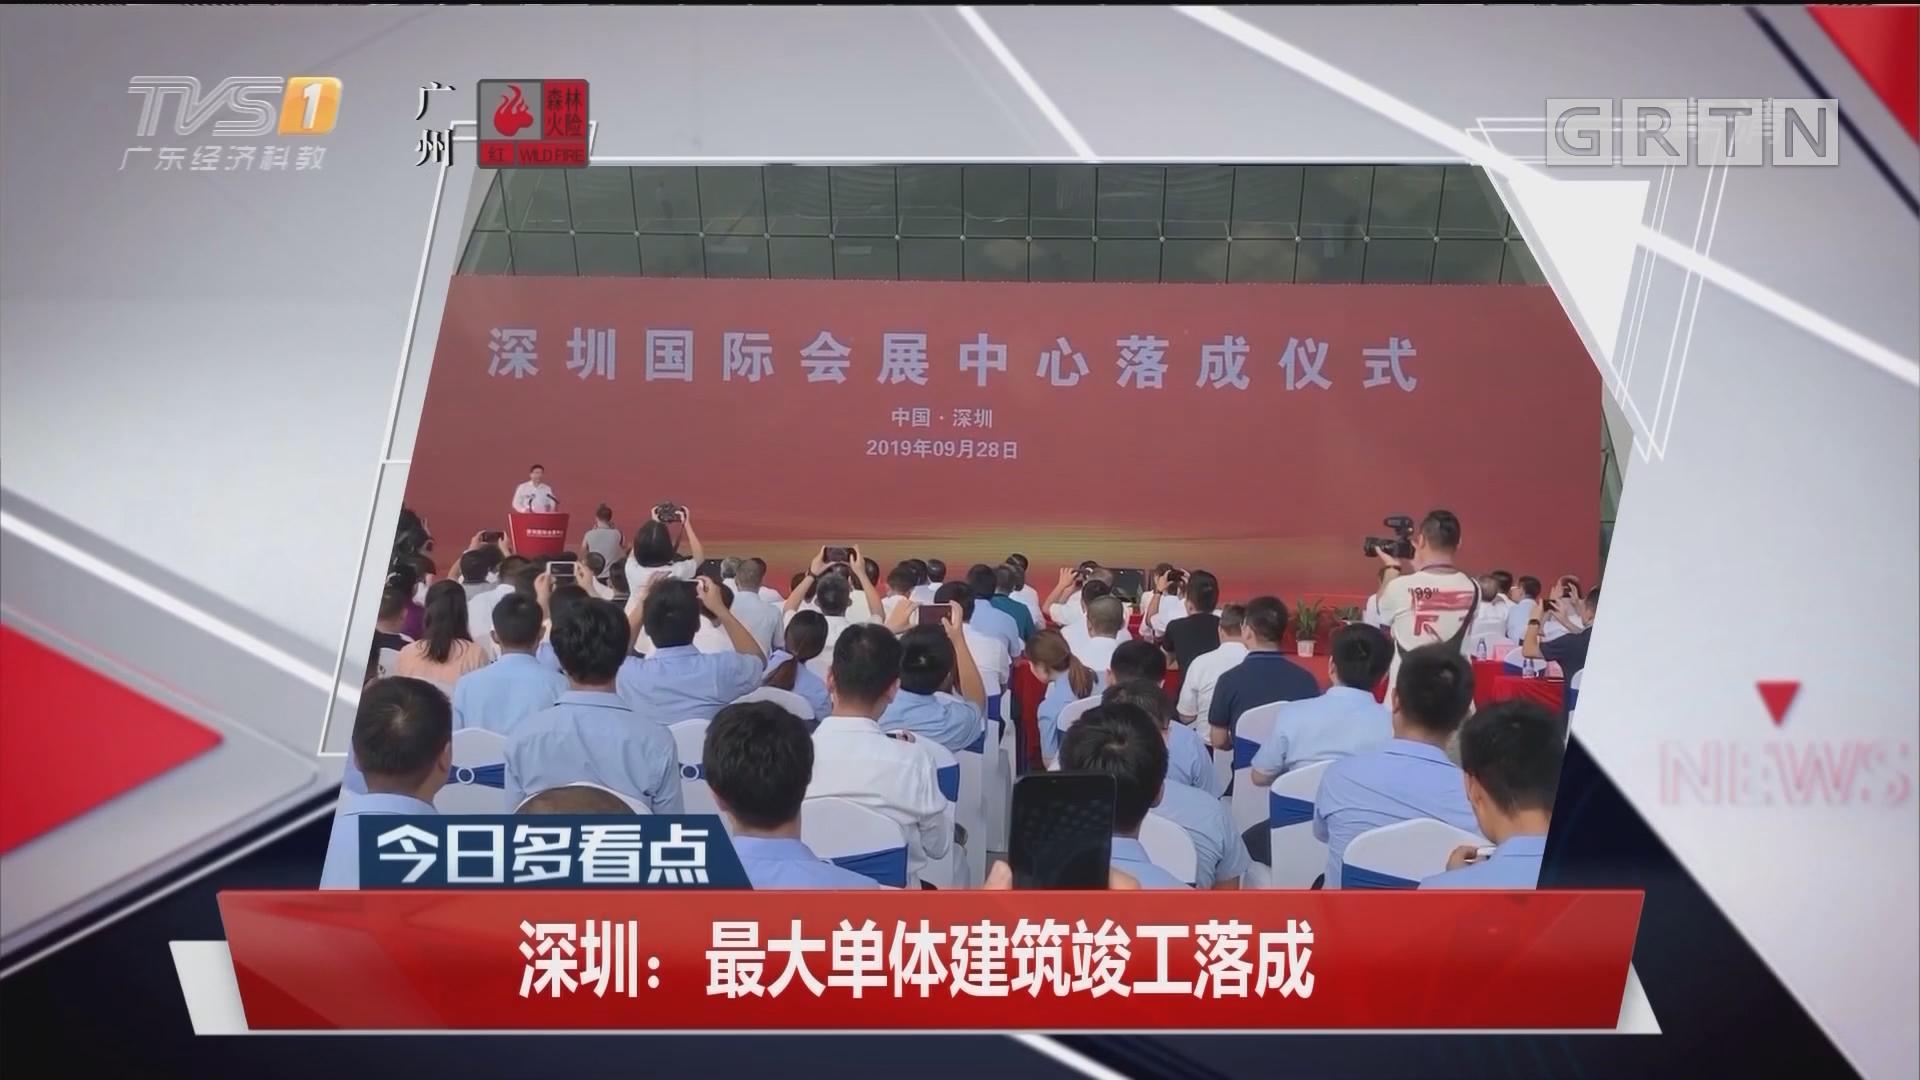 深圳:最大單體建筑竣工落成